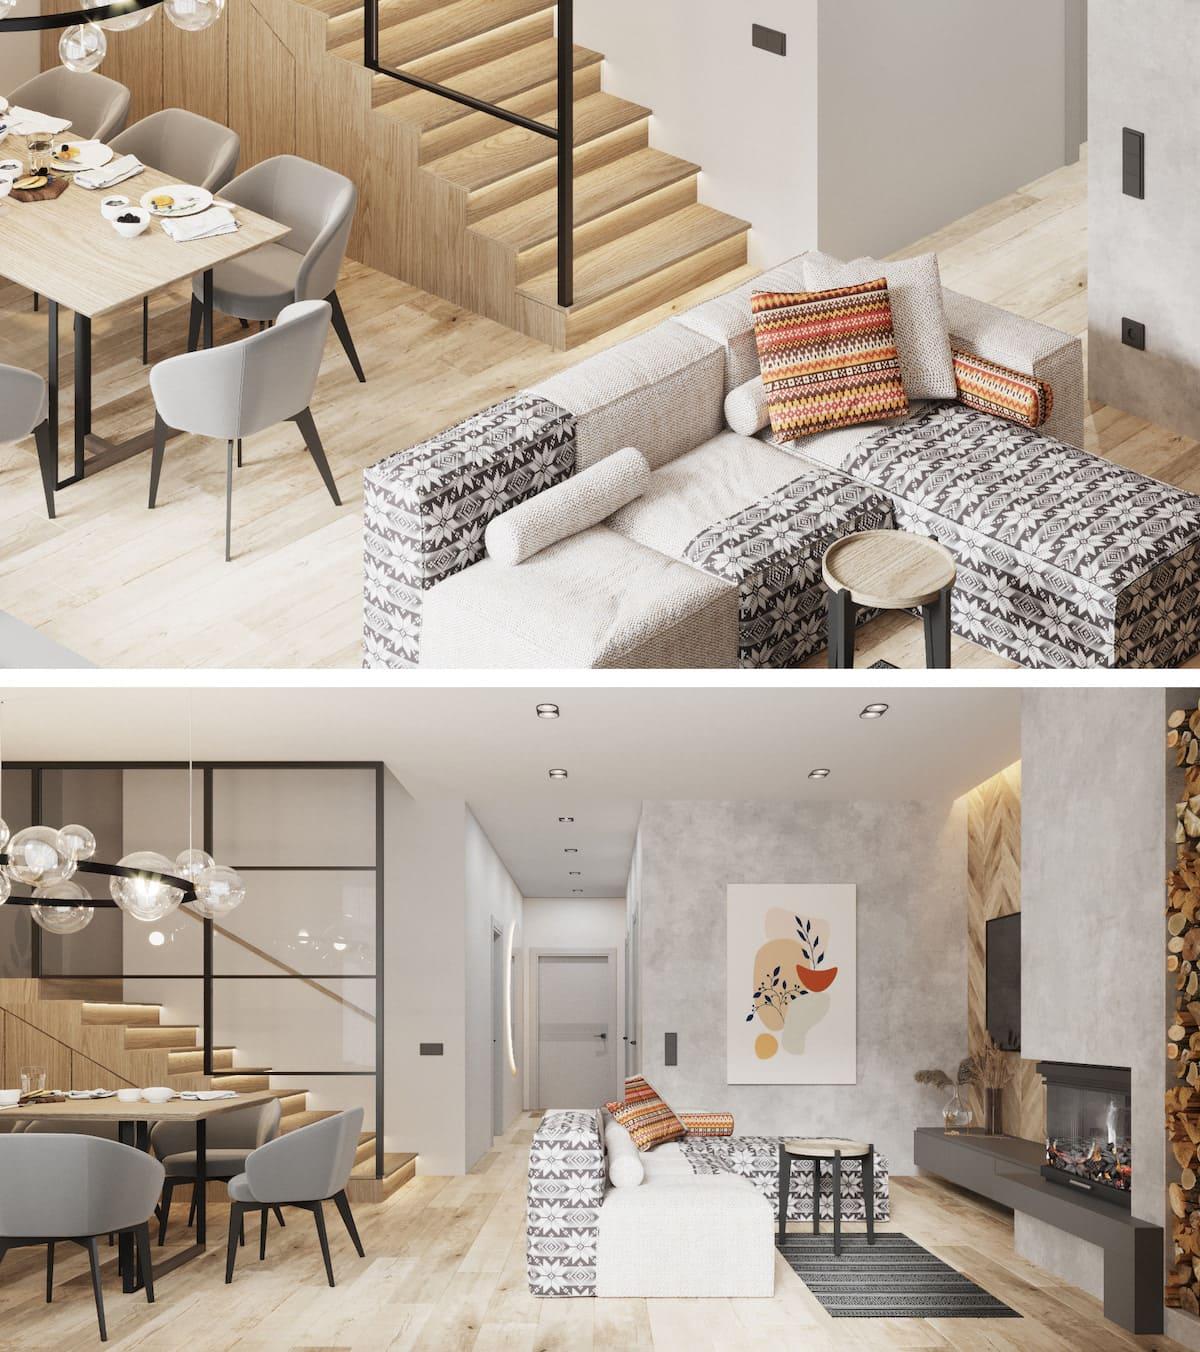 дизайн интерьера гостиной фото 11